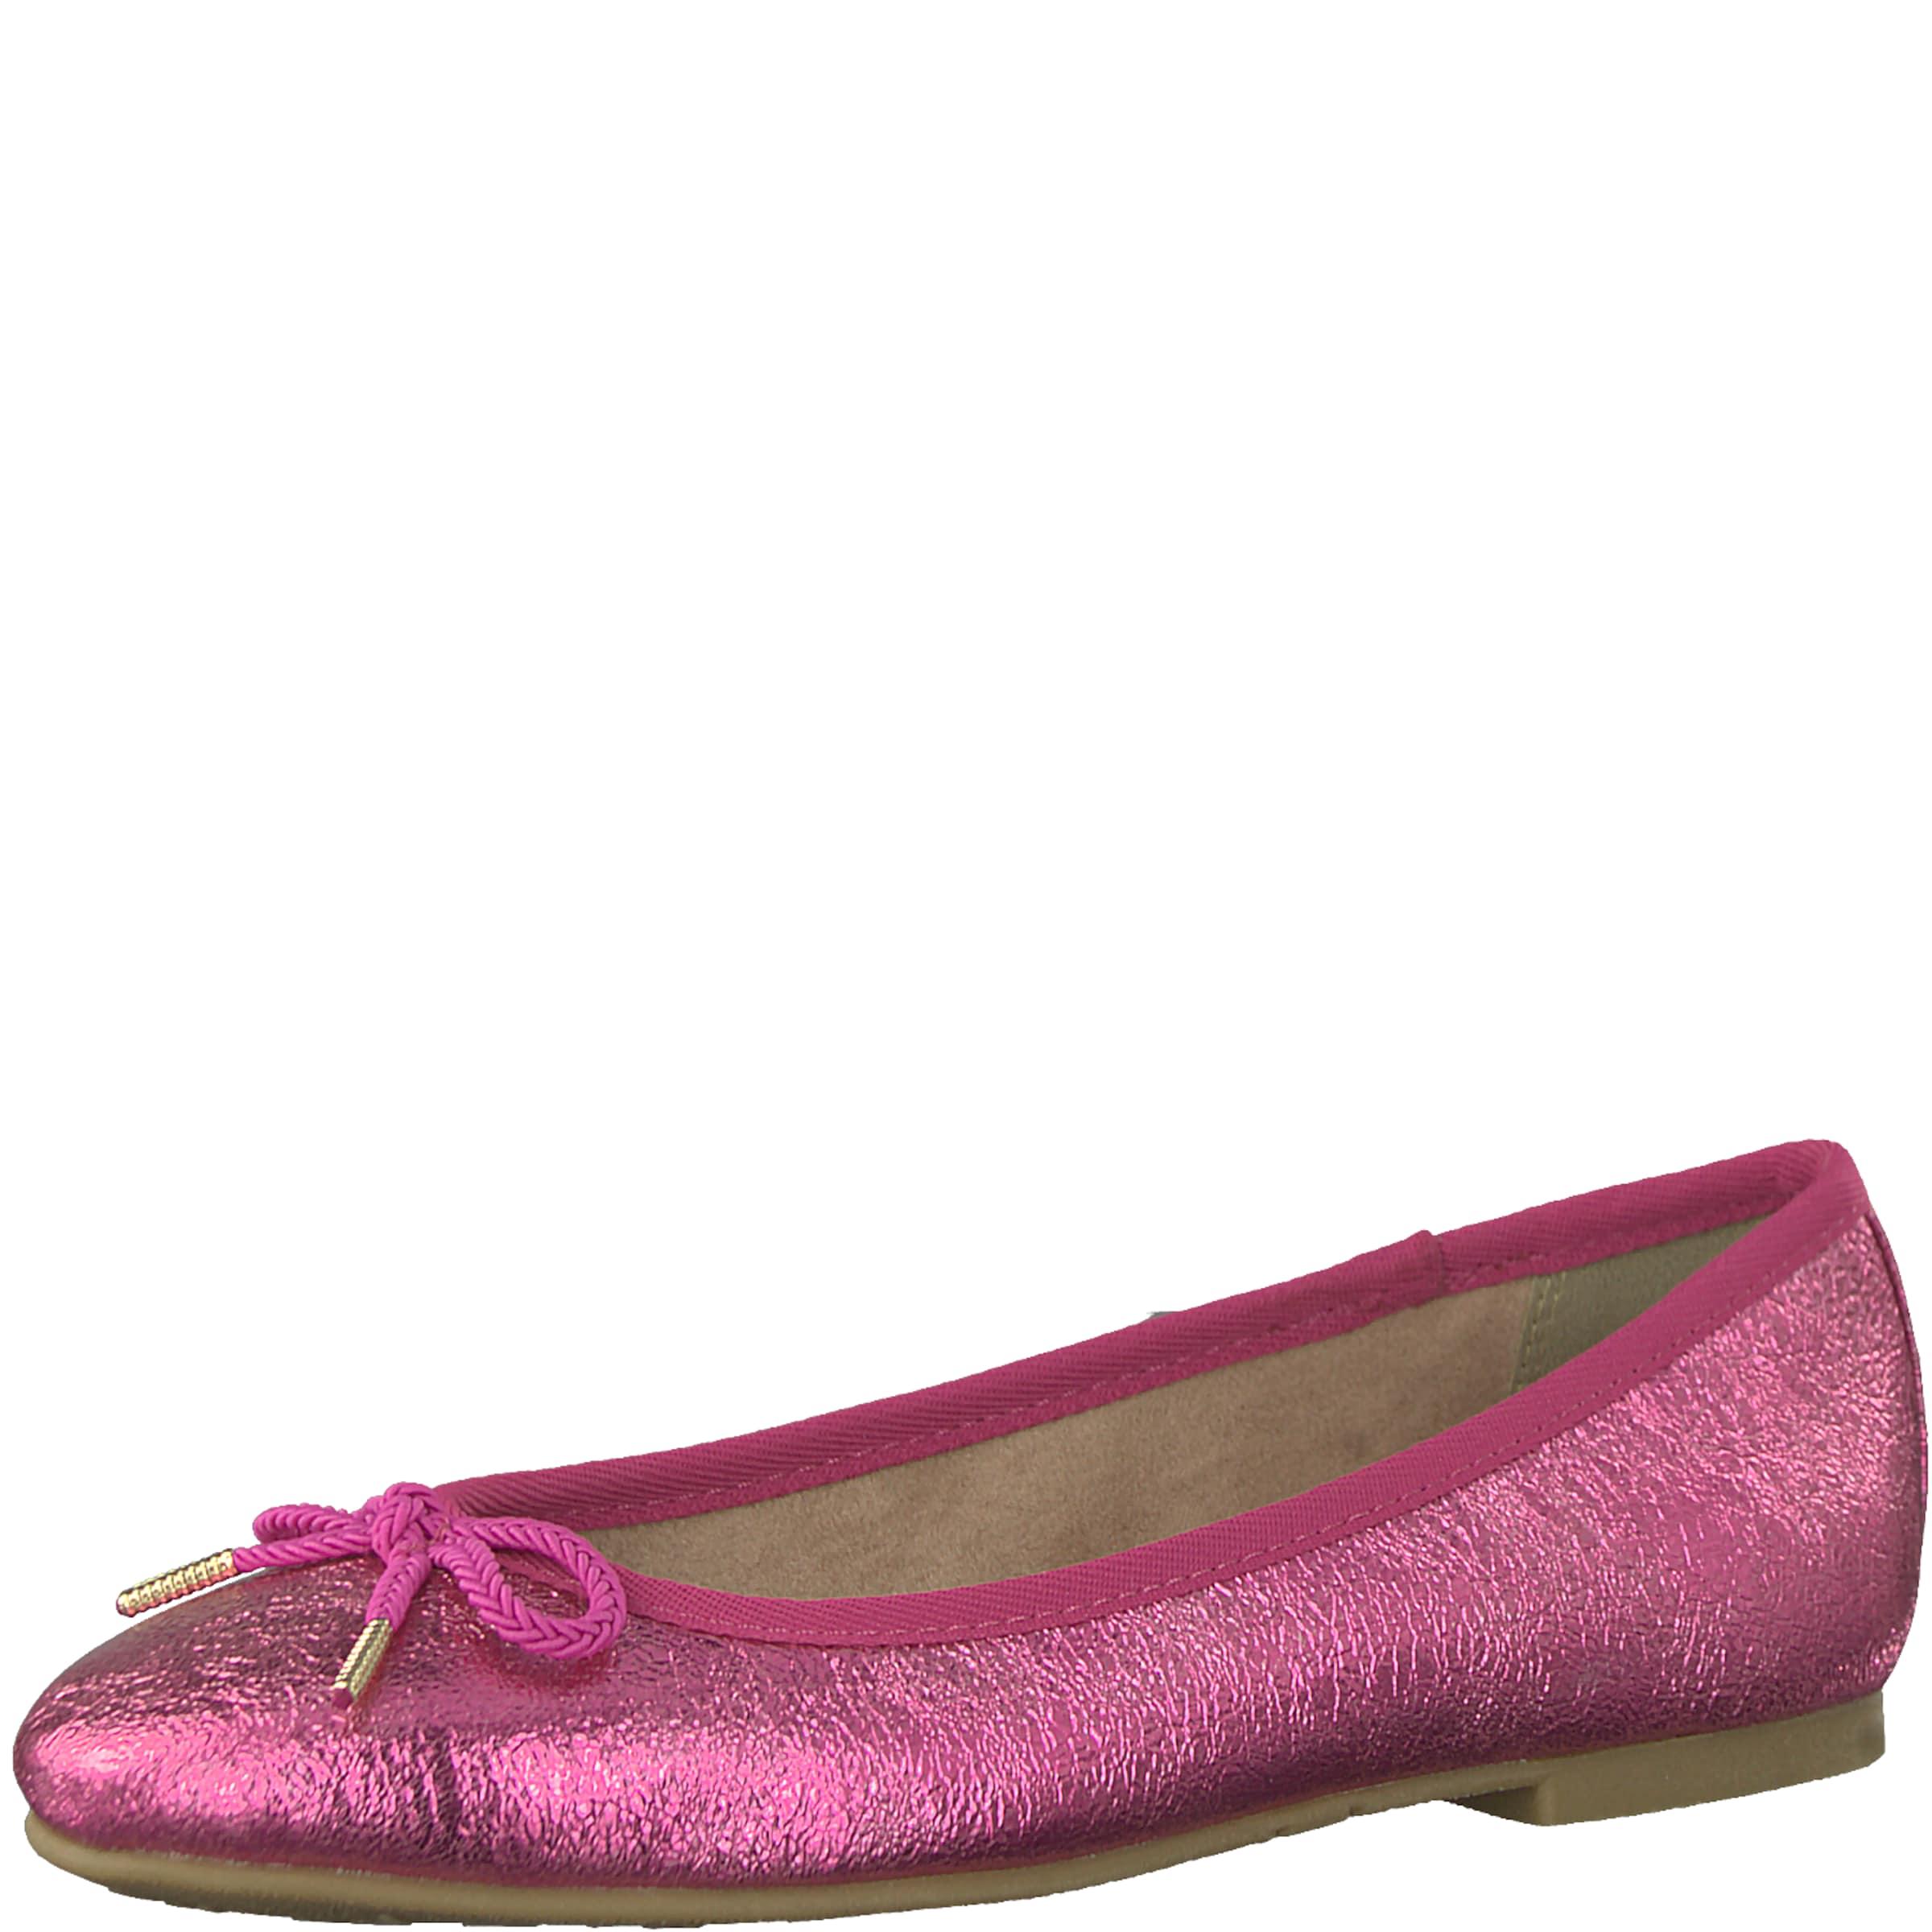 TAMARIS Ballerina Günstige und langlebige Schuhe